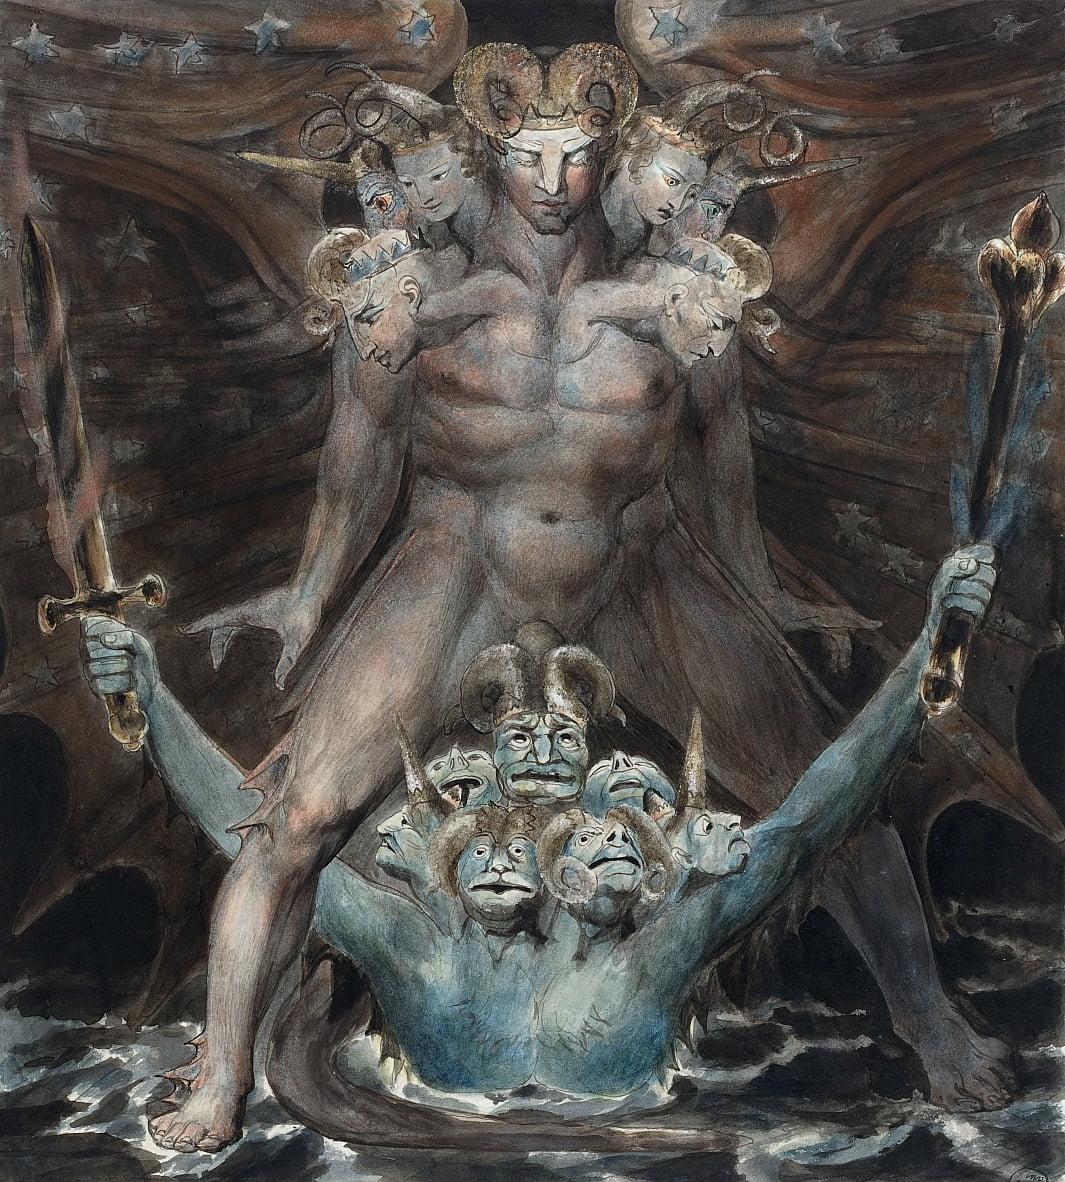 El gran dragón rojo y la bestia del mar de William Blake